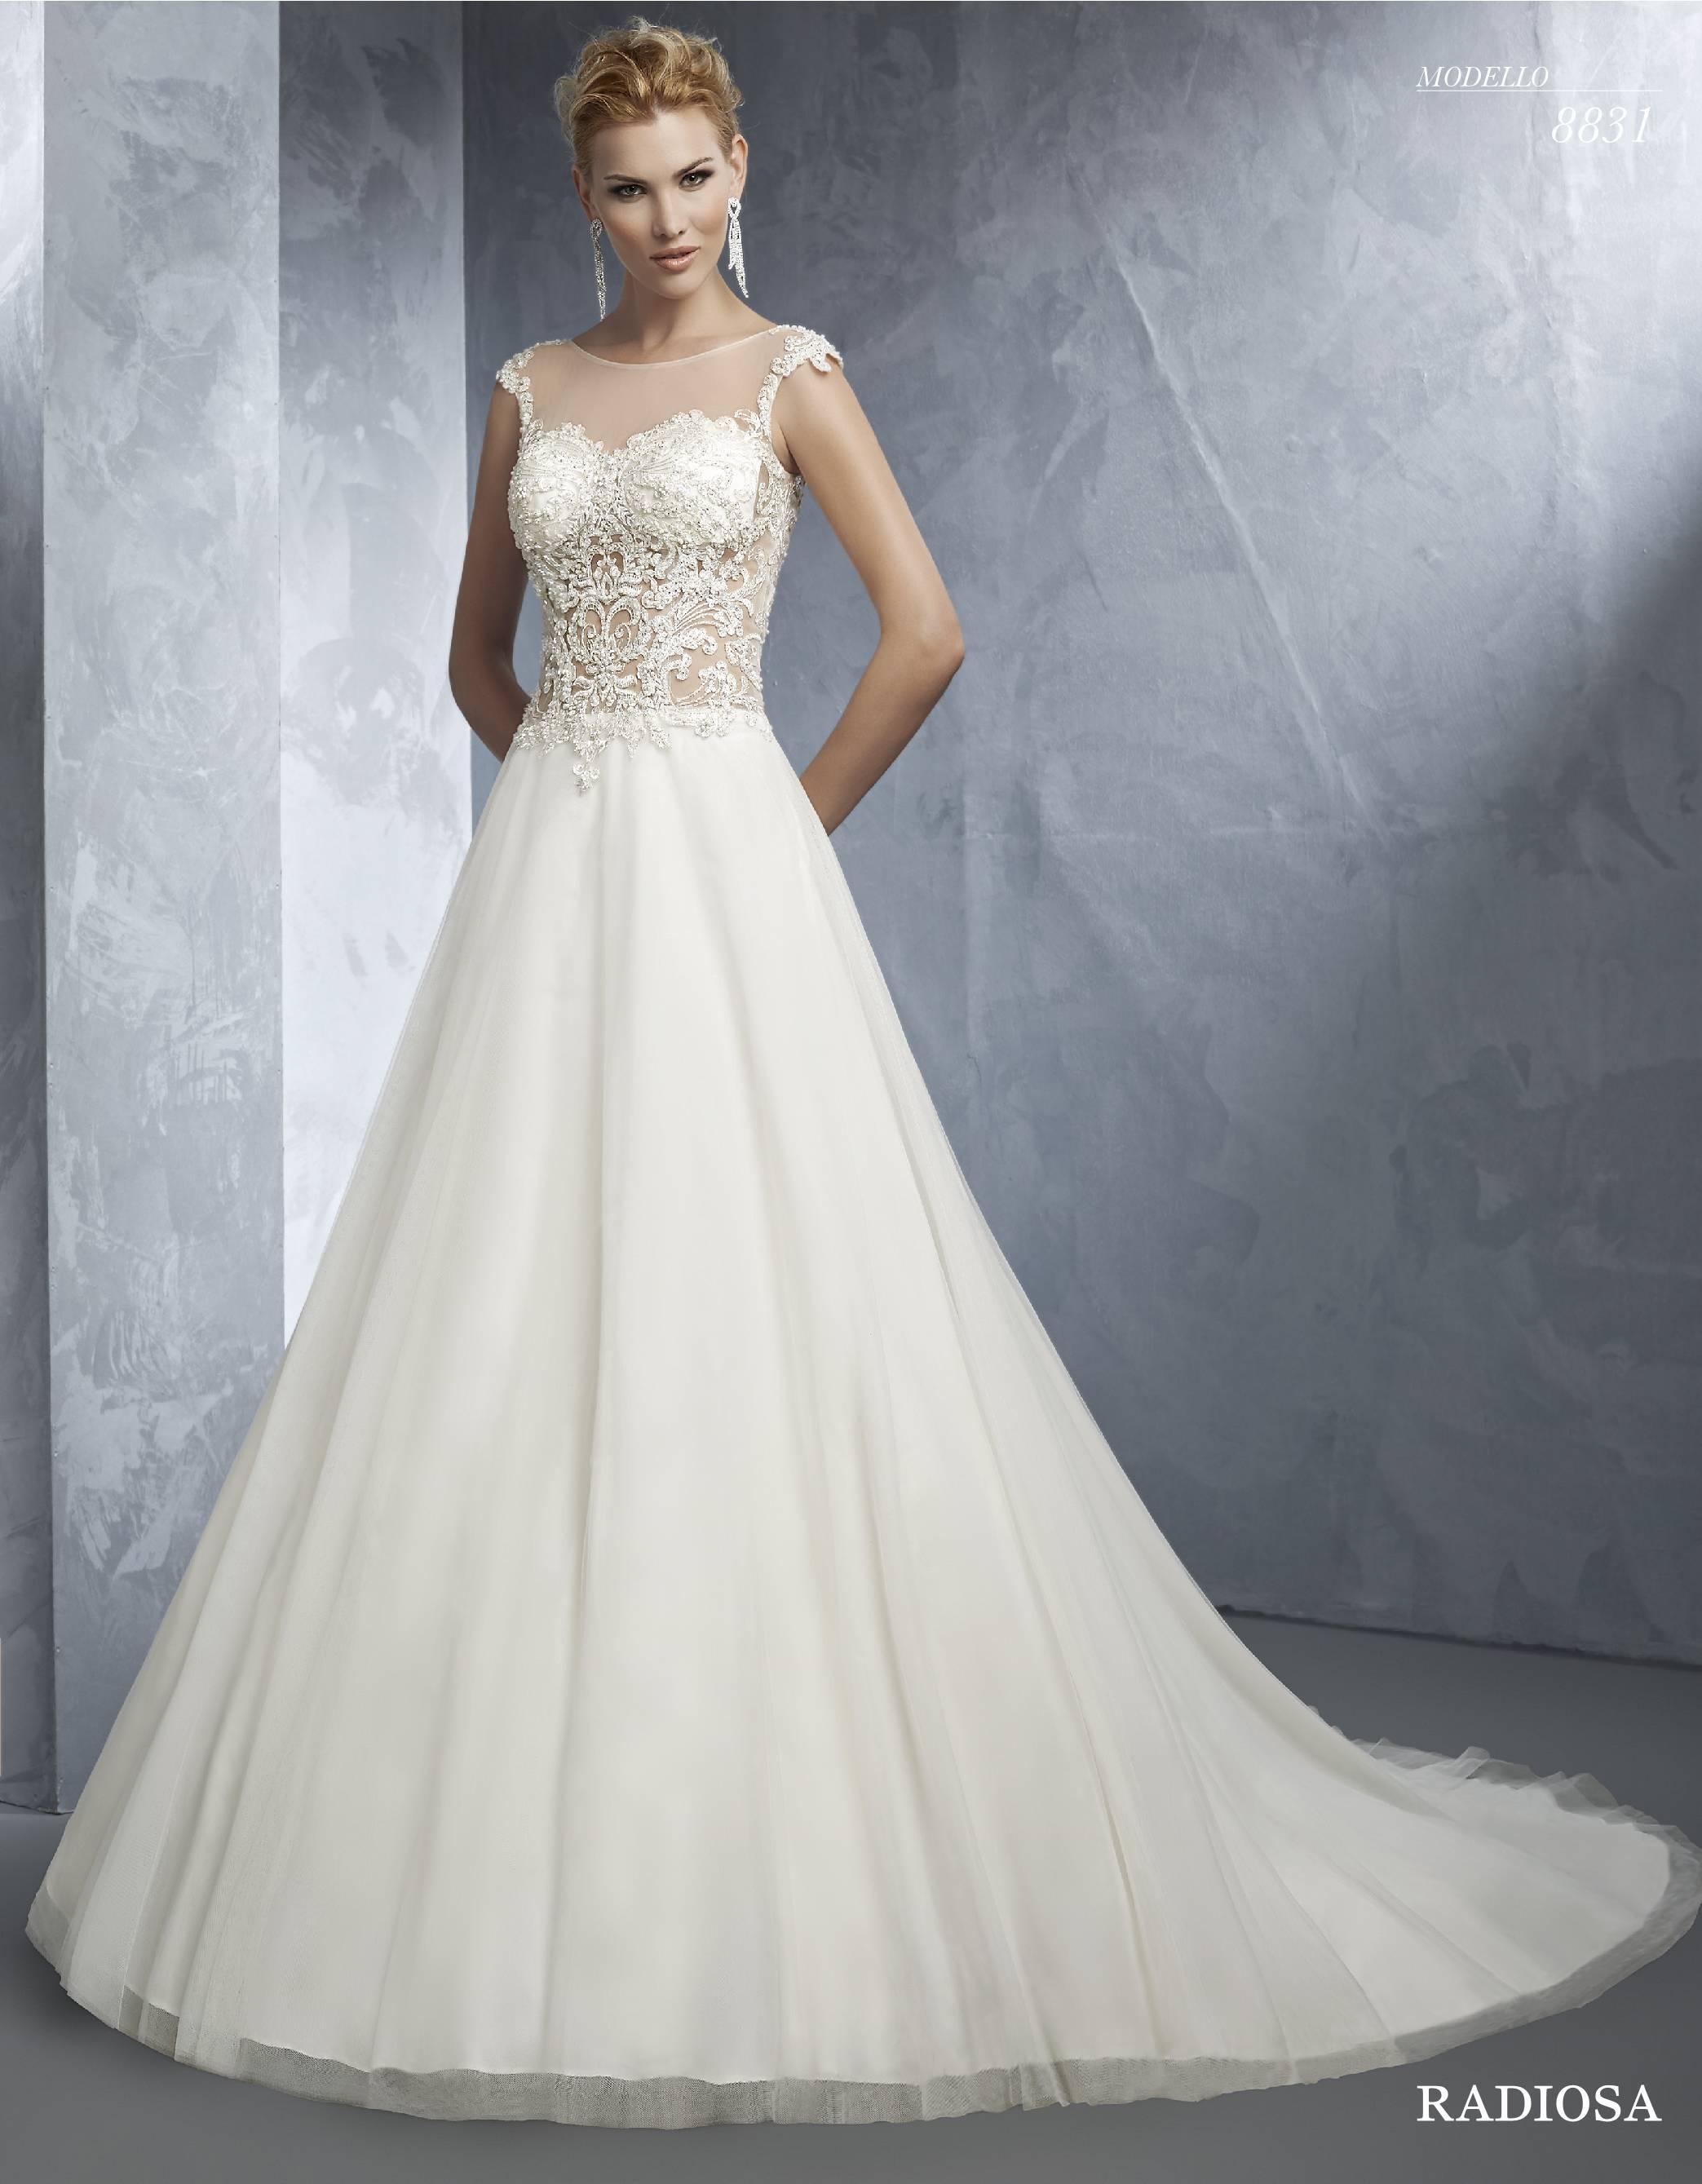 Vestito da sposa con gonna ampia Radiosa